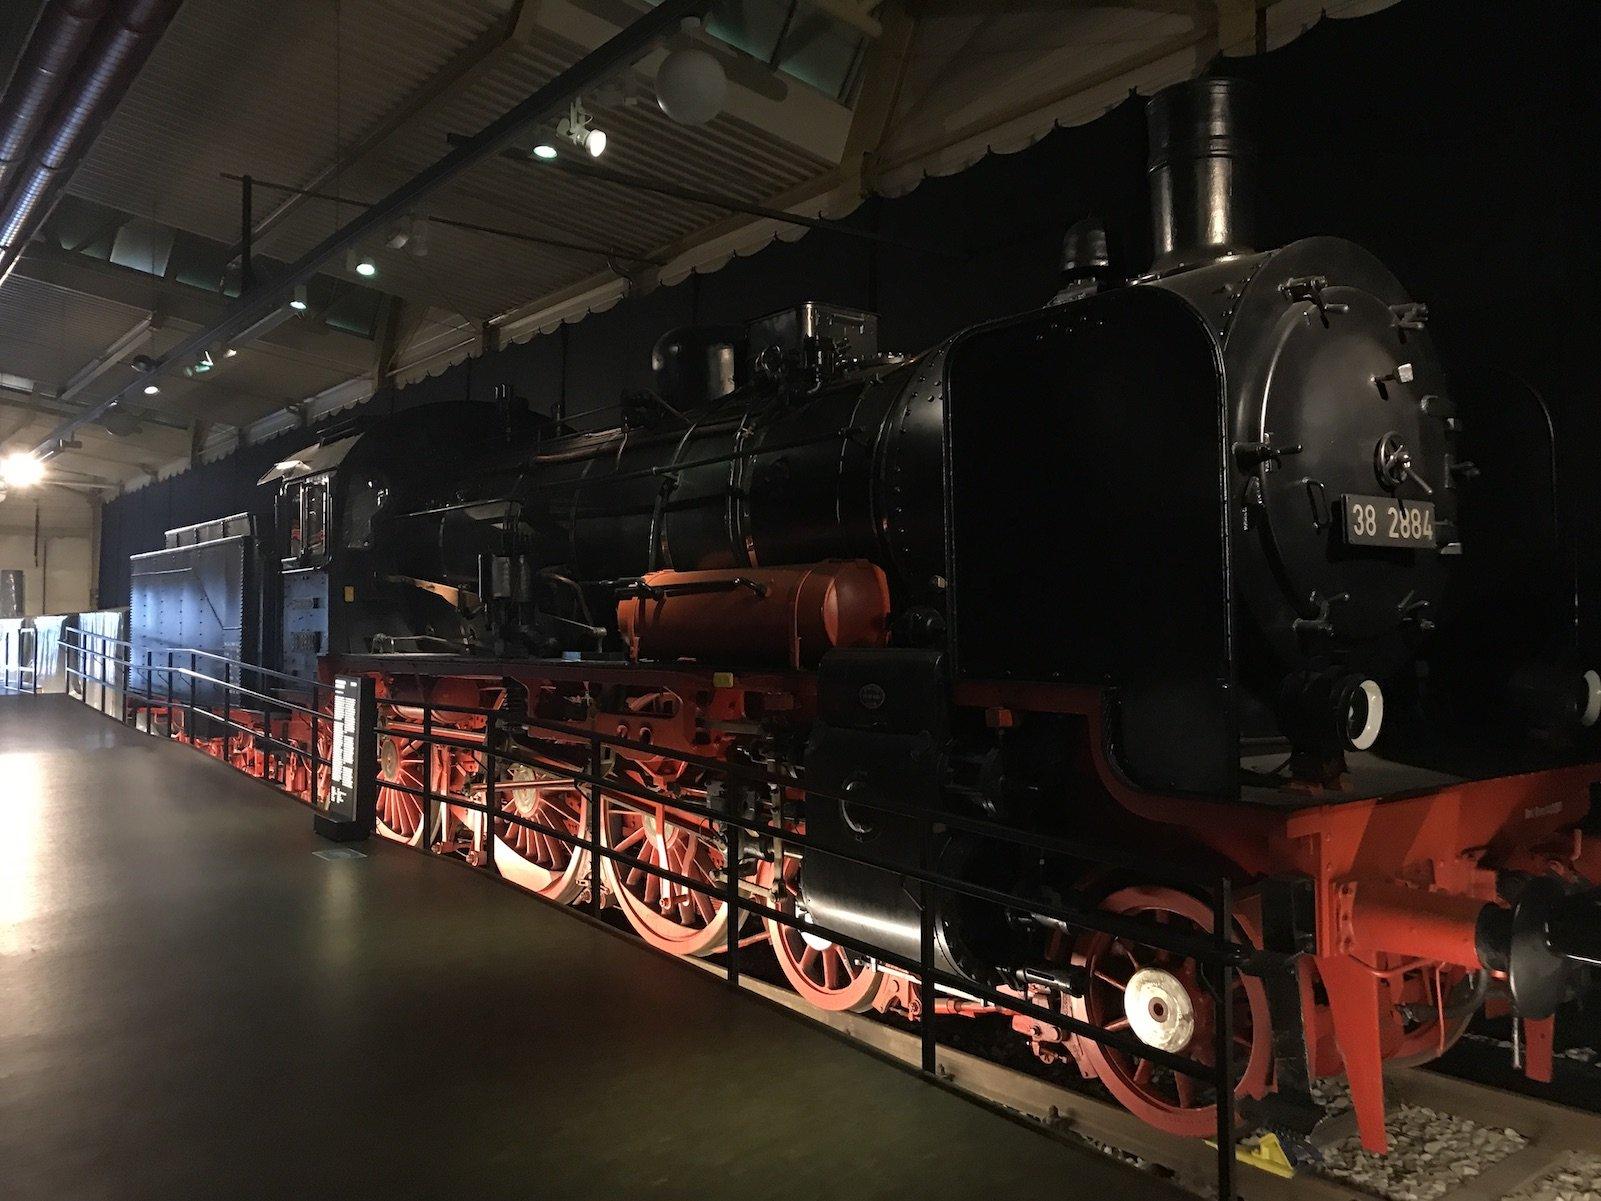 Eine weitere schöne Lokomotive in der Fahrzeughalle II des DB Verkehrsmuseums in Nürnberg